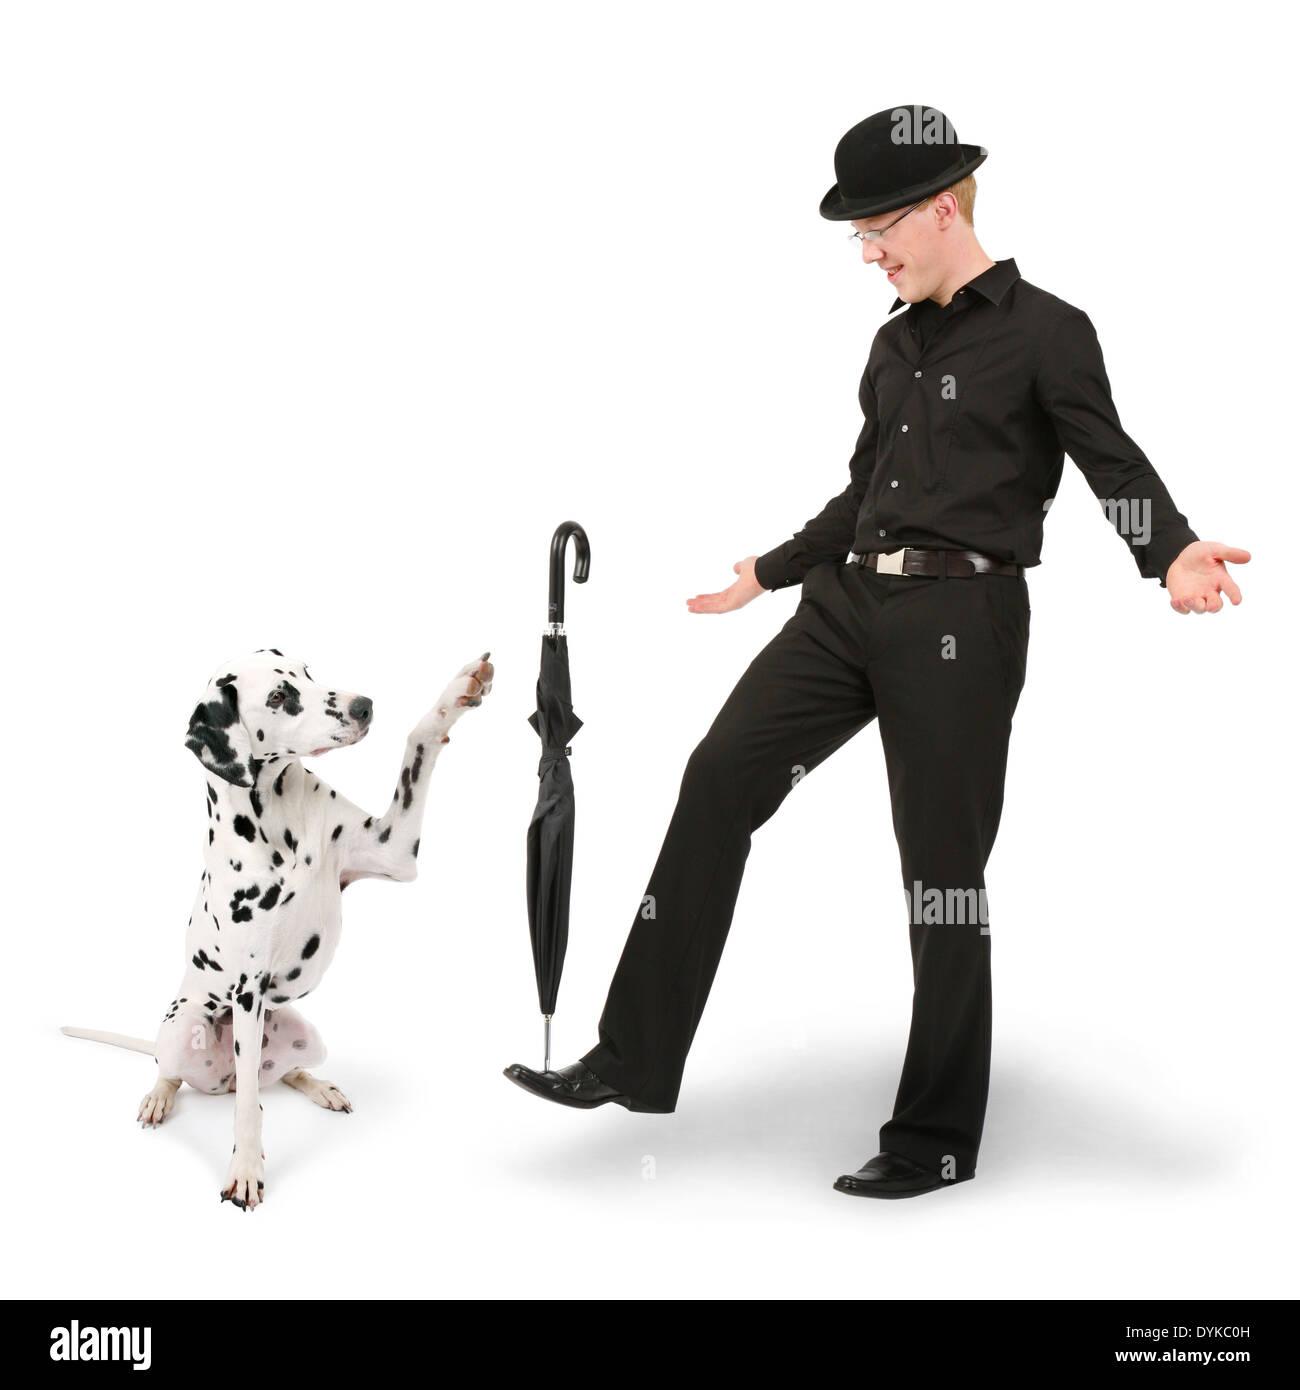 junger Mann mit Melone balanciert mit Schirm, young man with bowler hat balancing an umbrella, Mann spielt mit Dalmatiner Stock Photo